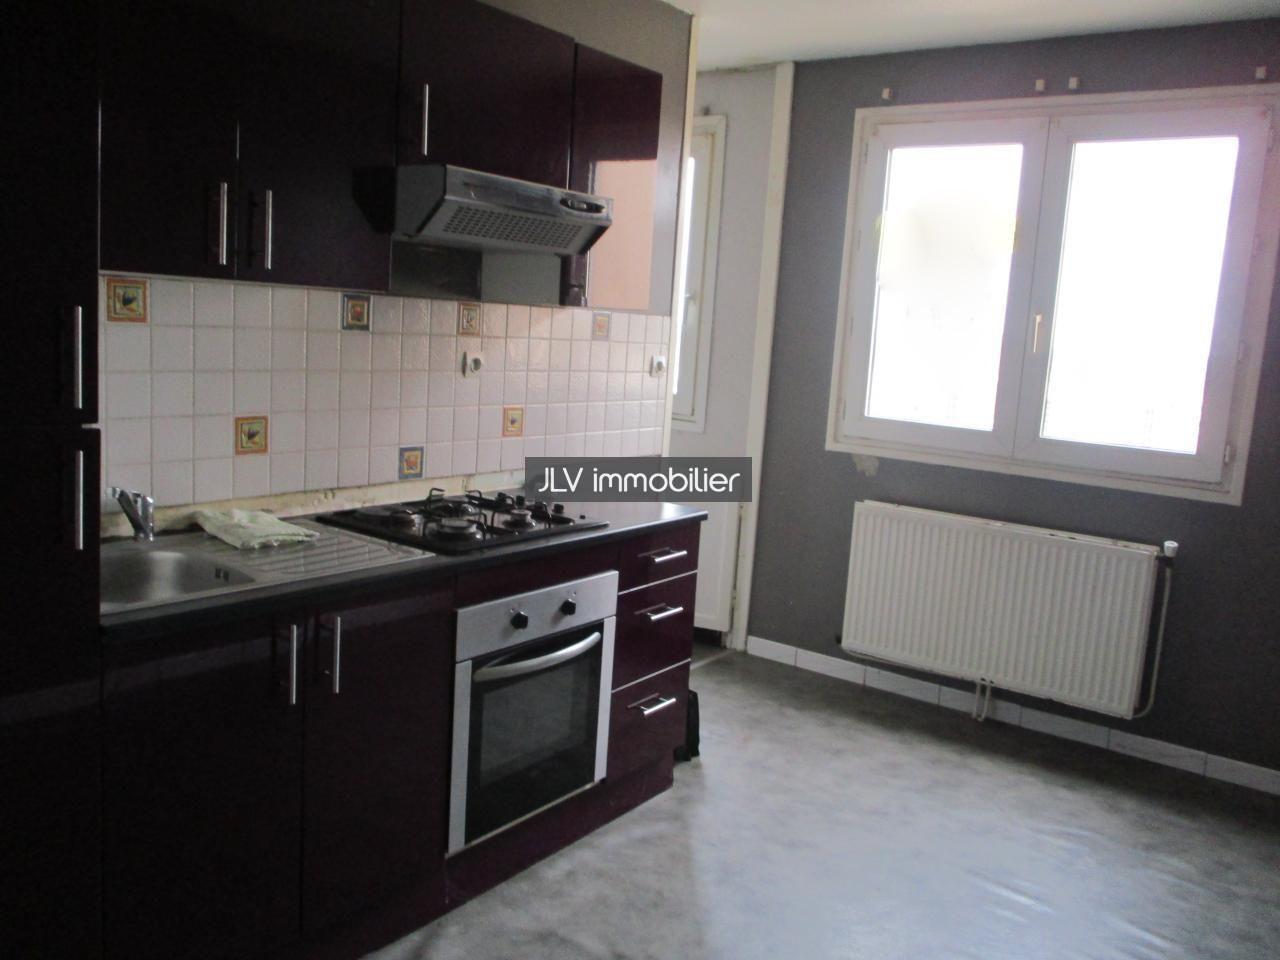 Ida C Al Pour Une Premia Re Acquisition Ou Investisseur Ceta Appartement Tra S Lumineux Type T3 De 75 7 Appartement T3 Vente Appartement Salle De Bain Baignoire